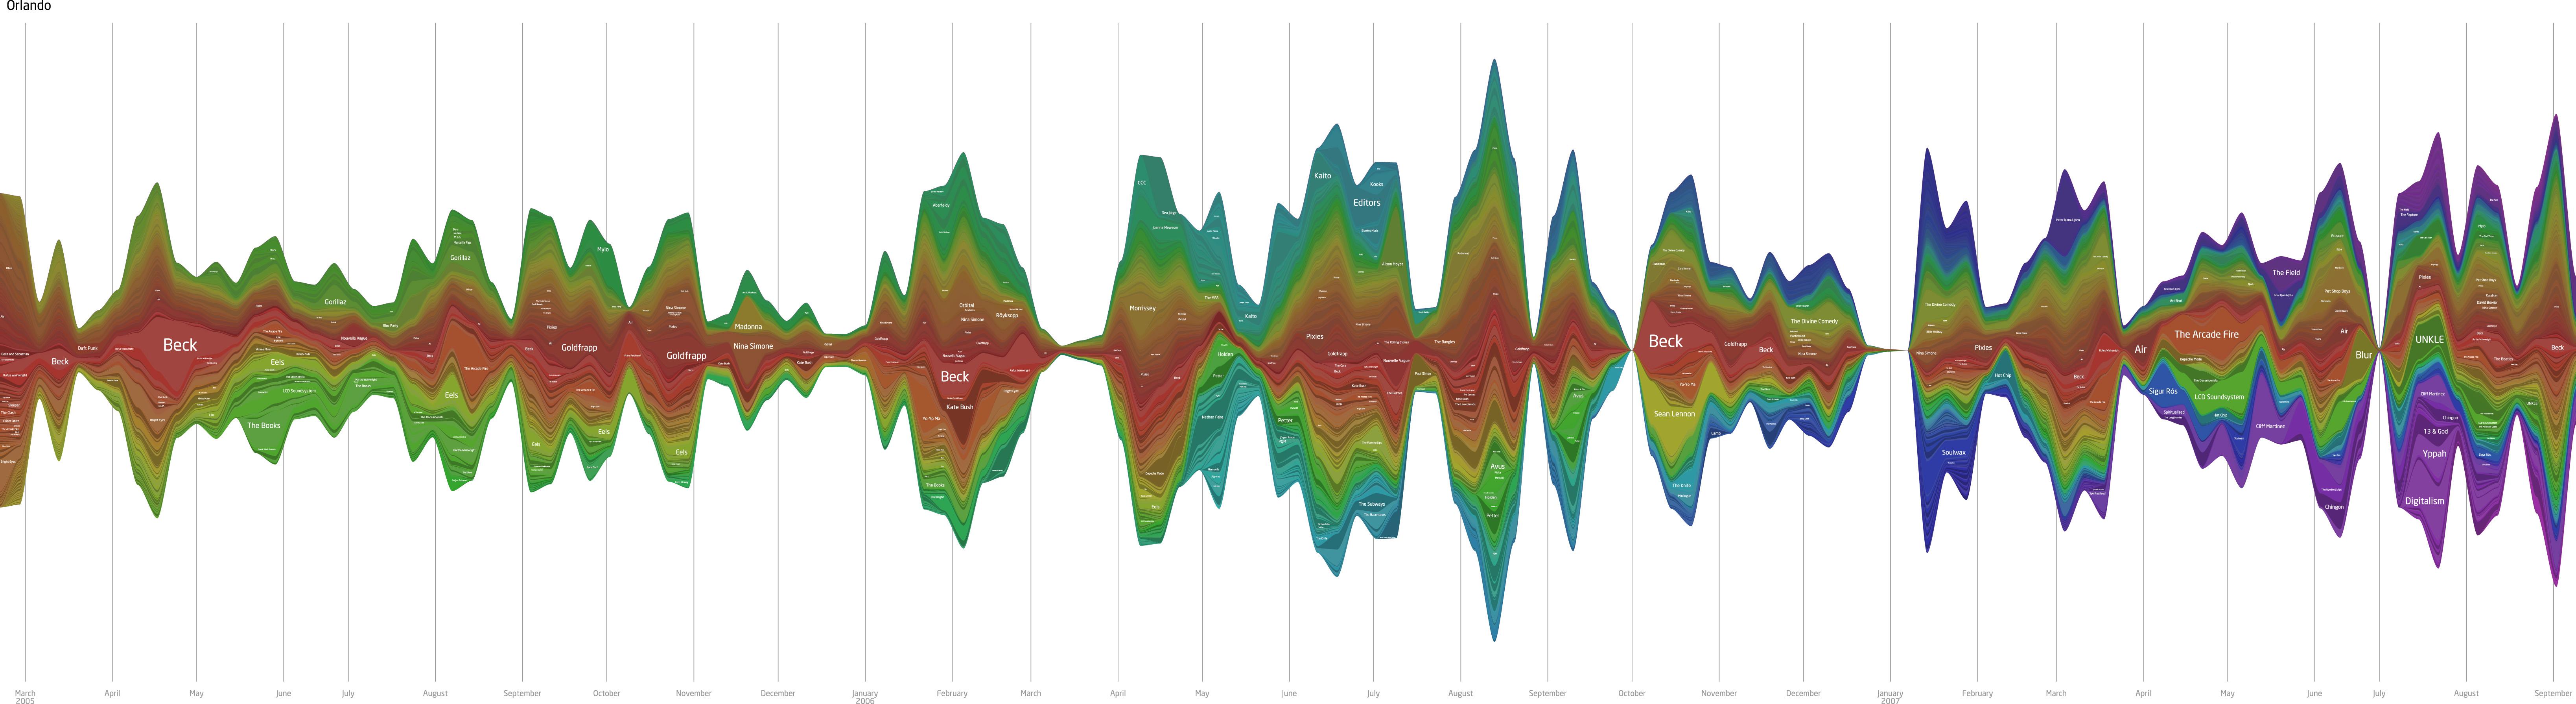 Last.fm graph